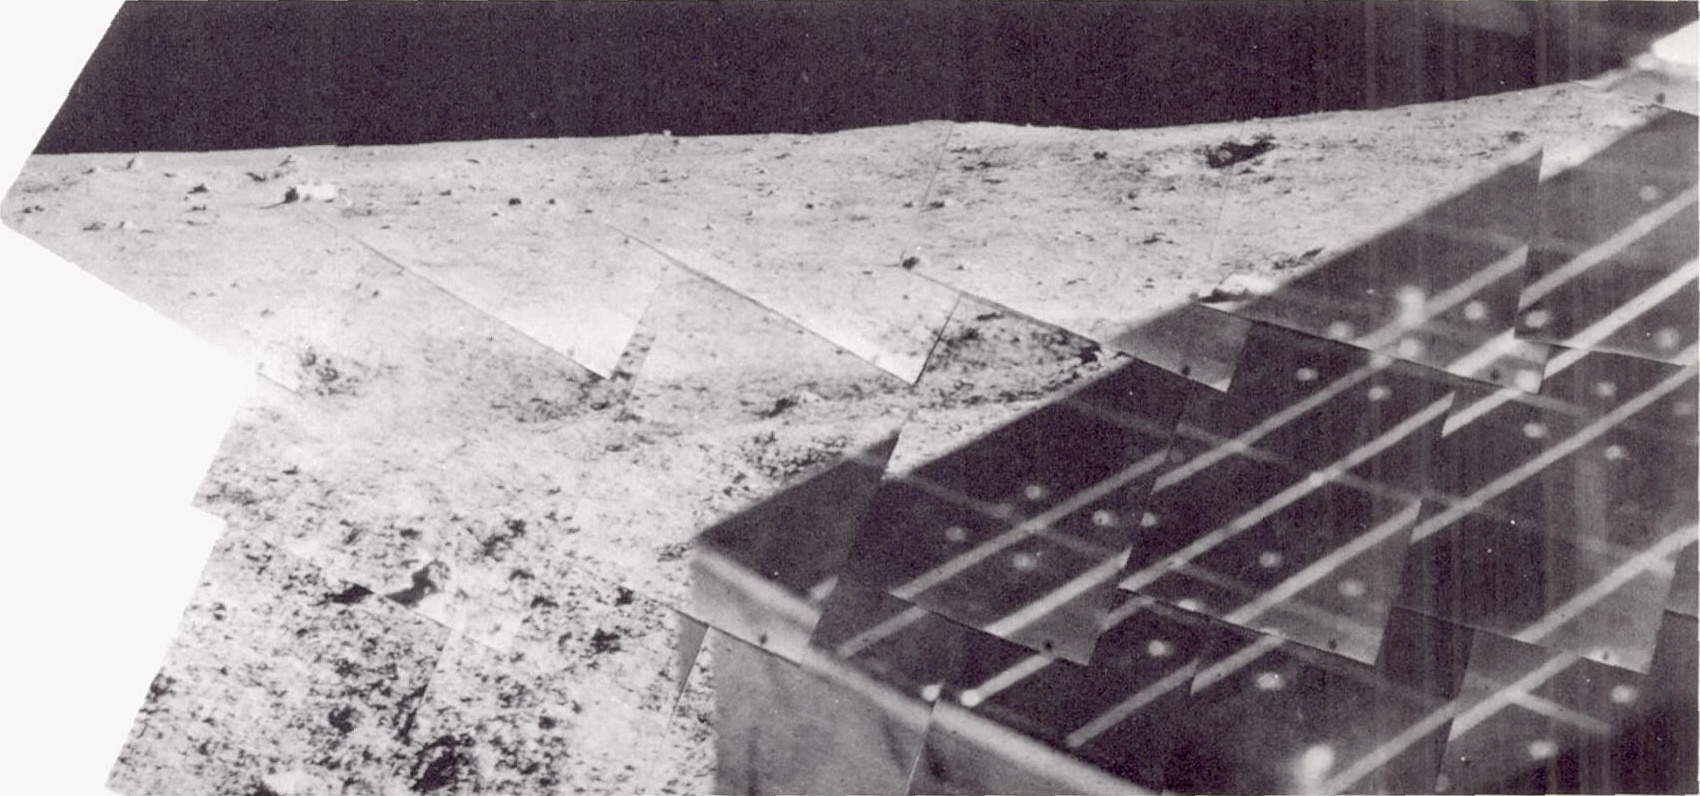 تصویری پانوراما از کاوشگر Surveyor 5